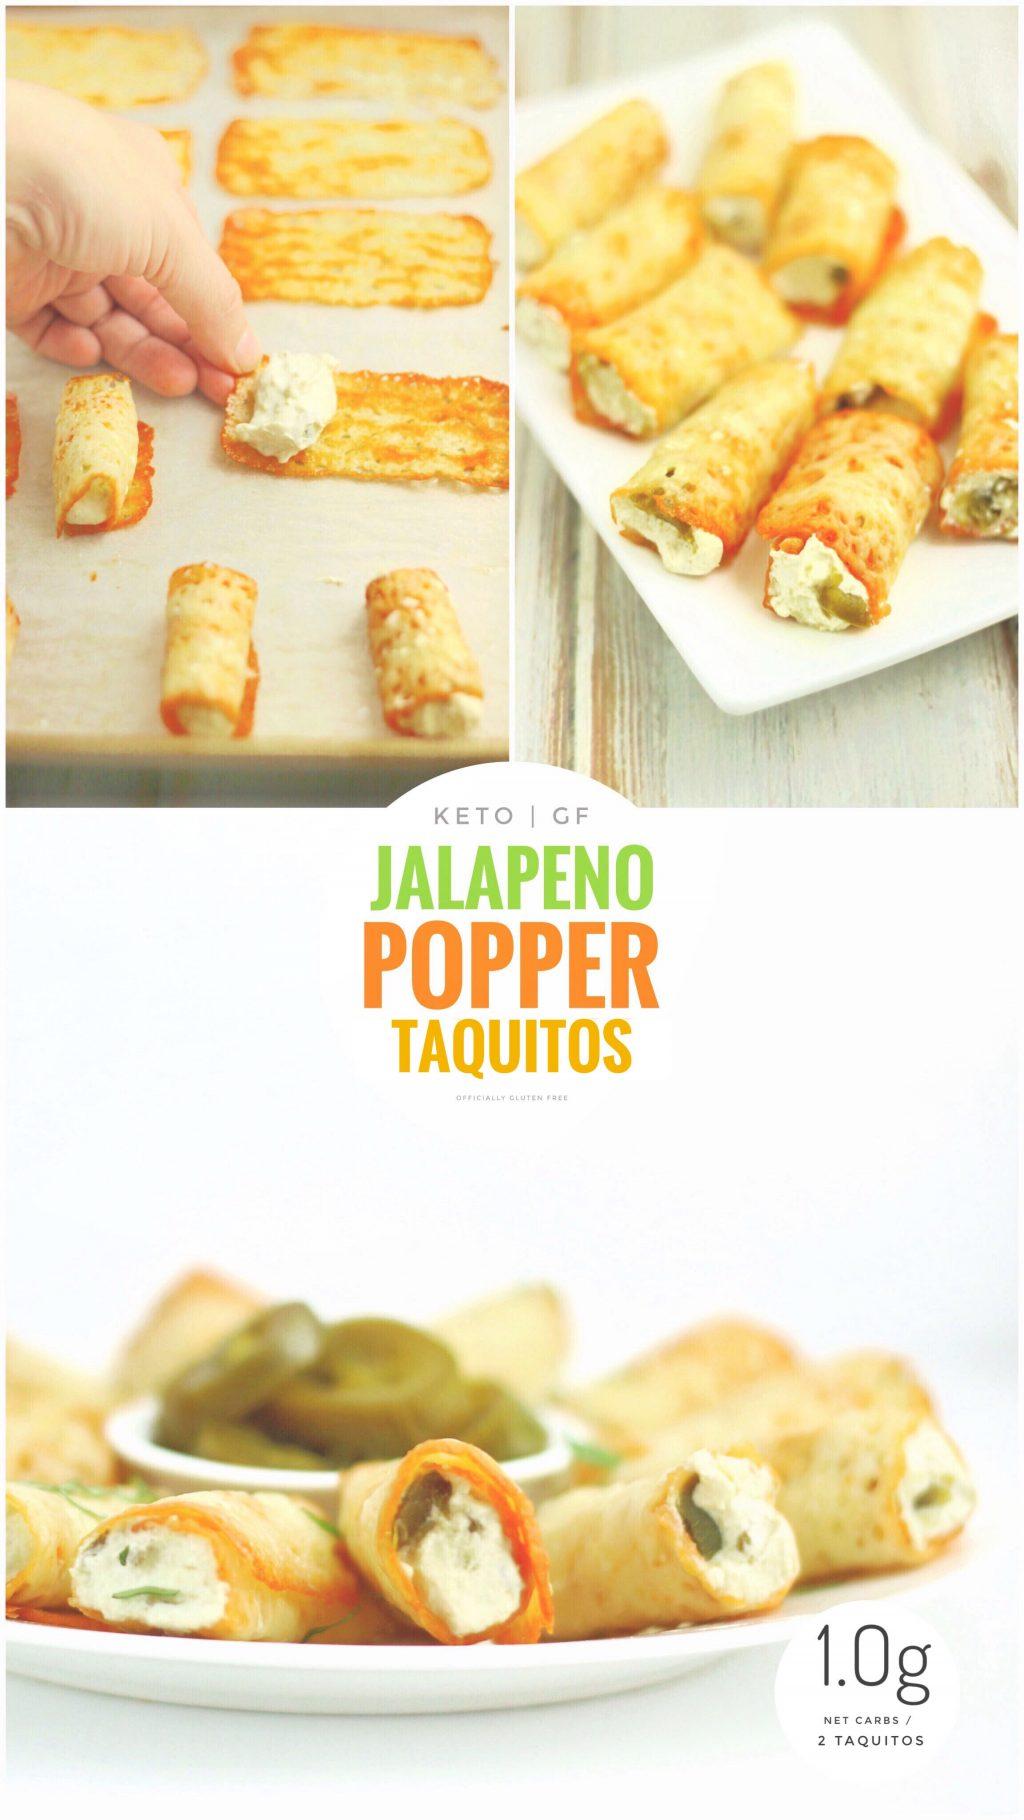 Keto Jalapeño Popper Taquitos